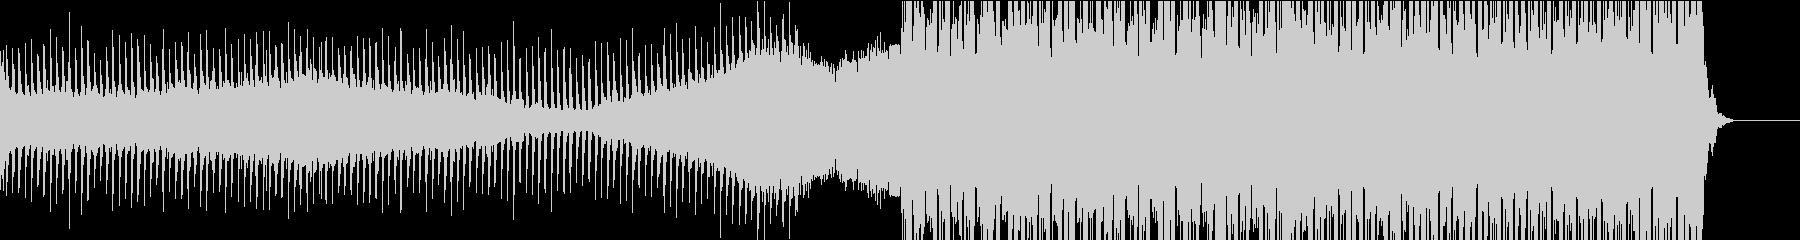 前半静かに始まり後半盛り上がるEDMの未再生の波形